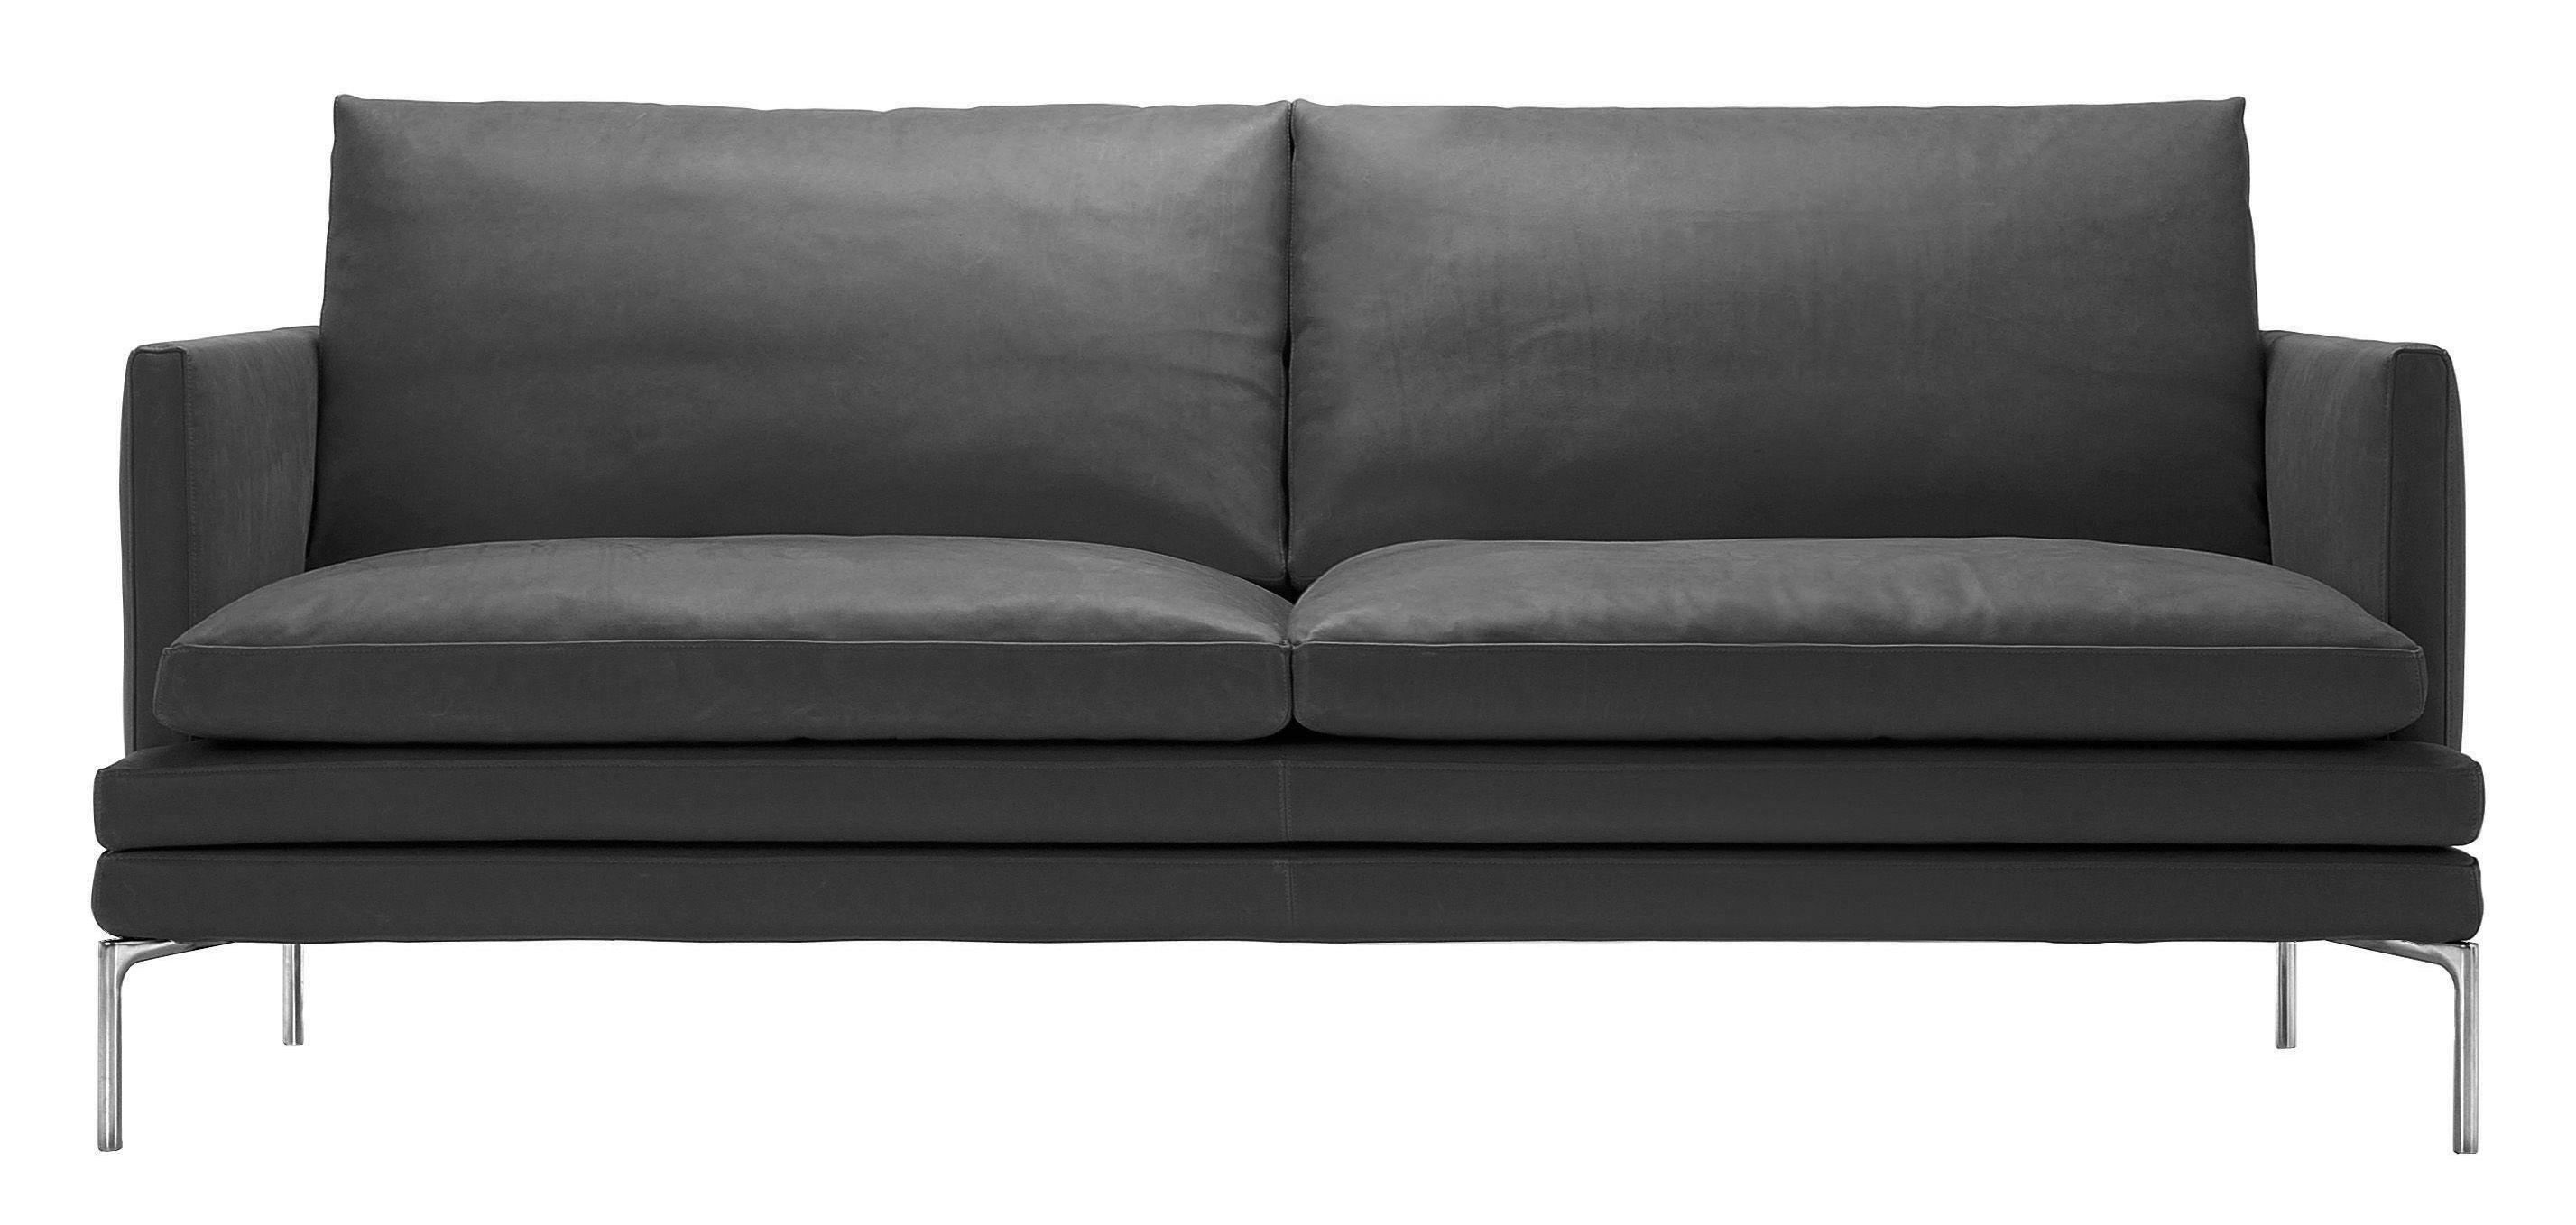 canap droit william tissu 2 places l 180 cm gris. Black Bedroom Furniture Sets. Home Design Ideas